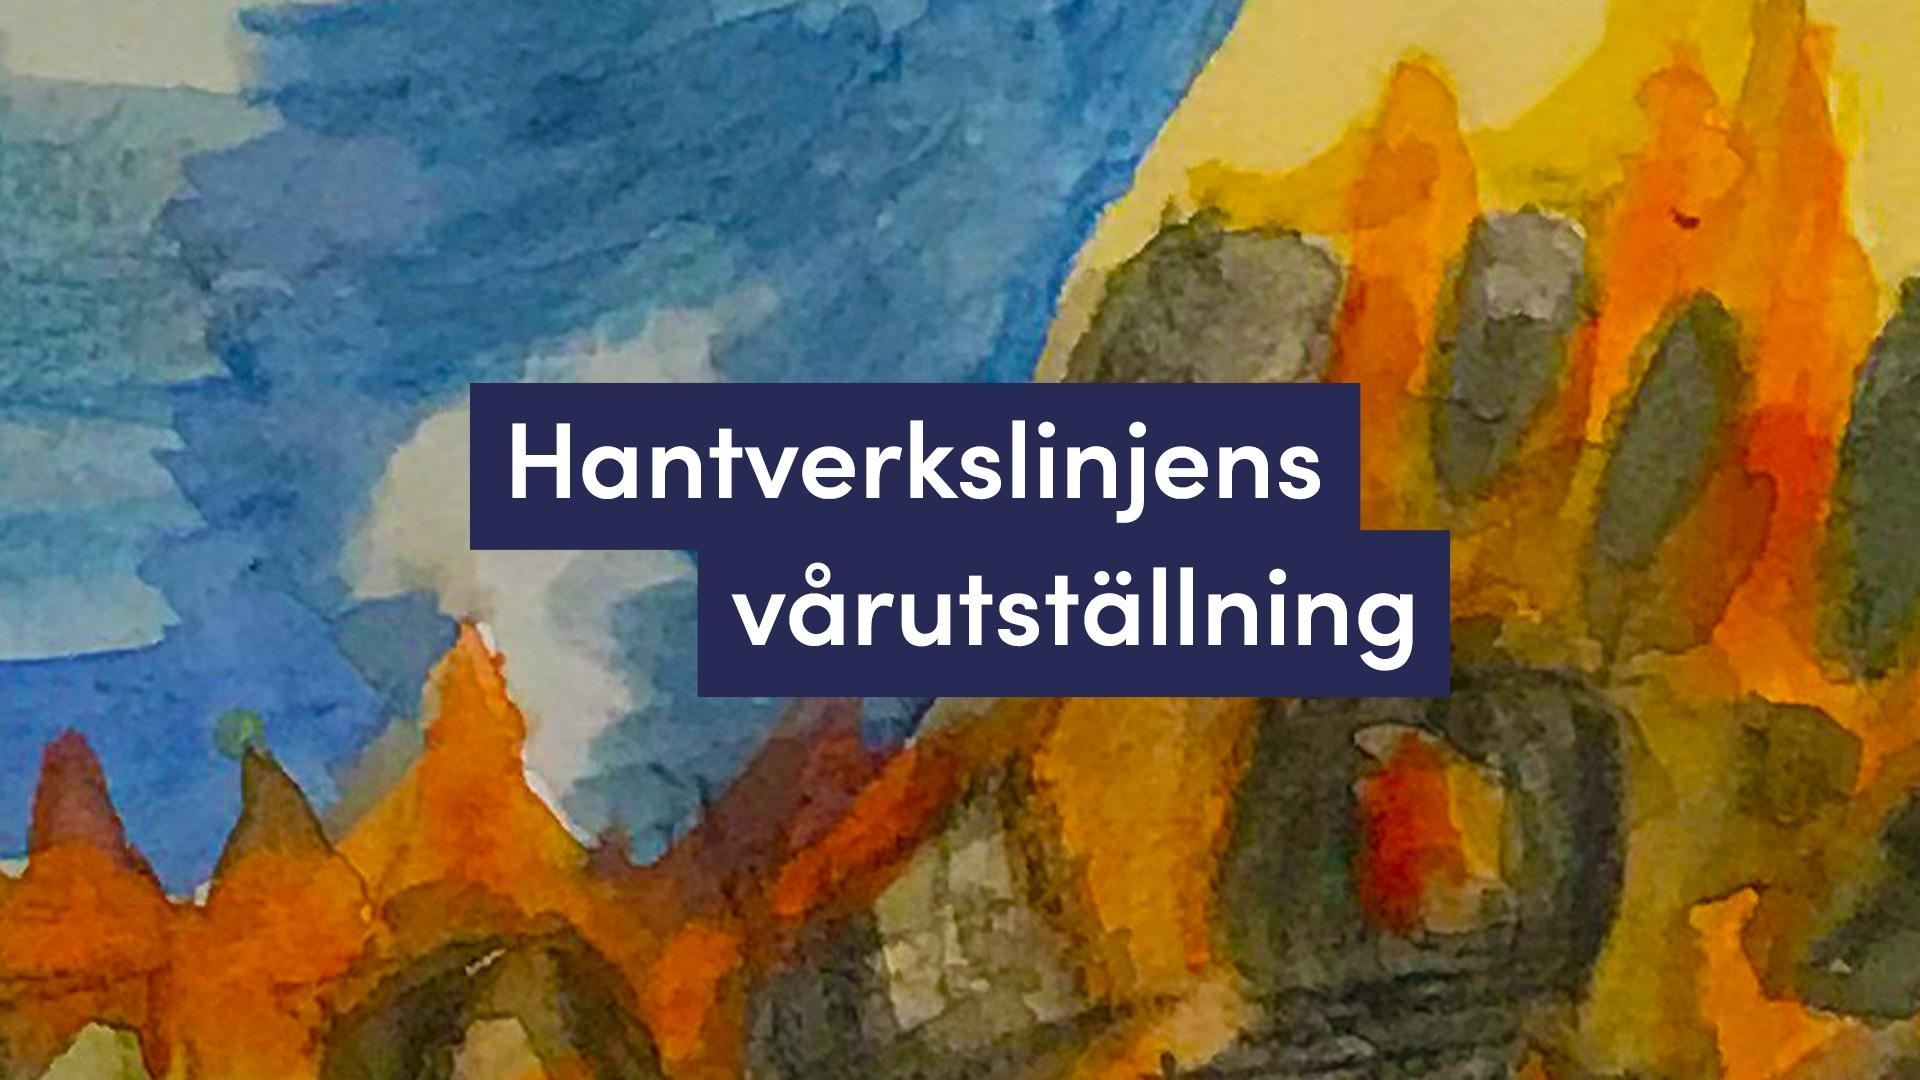 titel hantverkslinjens vårutställning på färgglad akvarellbakgrund